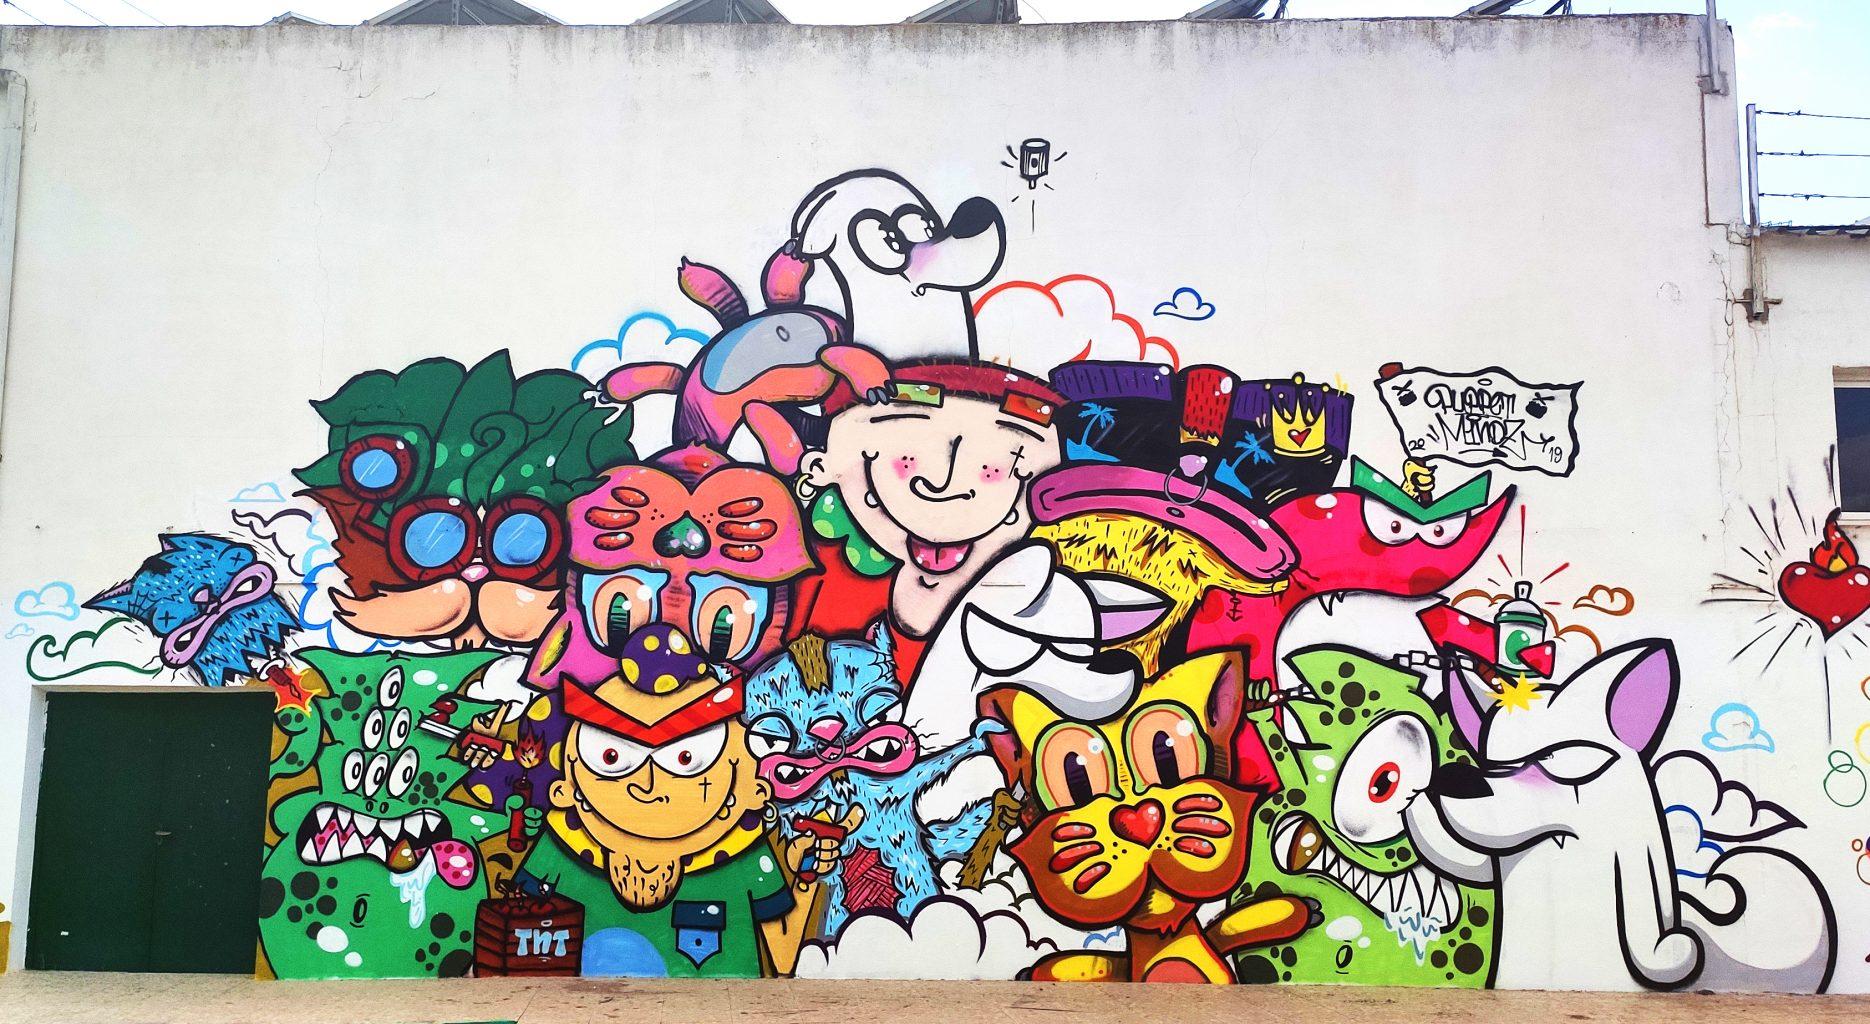 Pintura mural para el evento Sisante Urbano